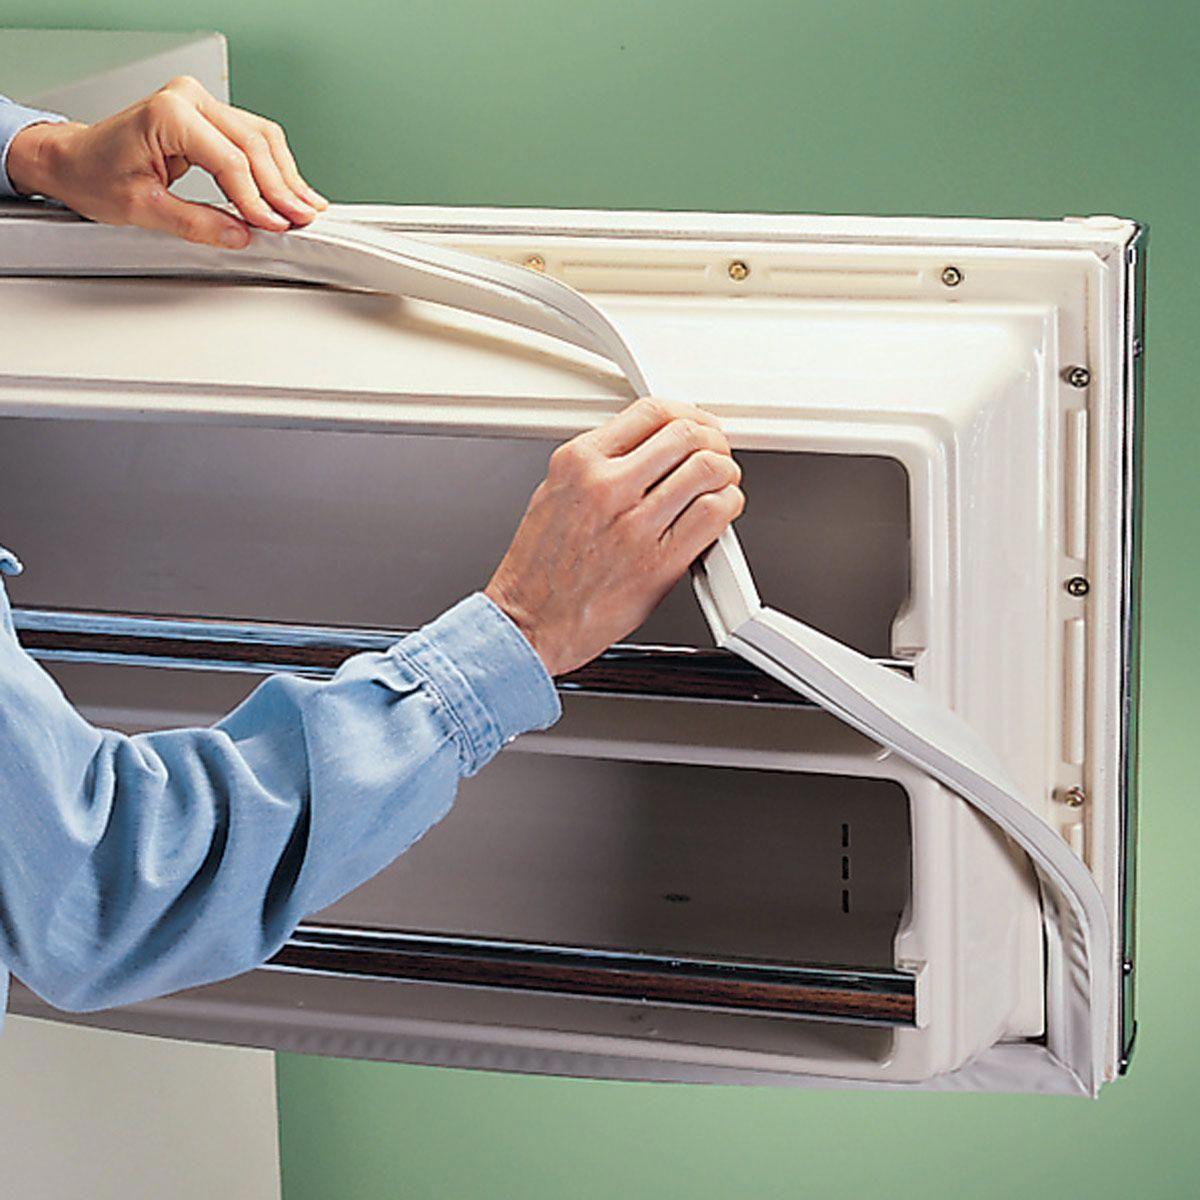 3 Tips On How To Replace A Refrigerator Door Gasket Homeremodelingdiy Refrigerator Repair Door Seals Home Improvement Loans